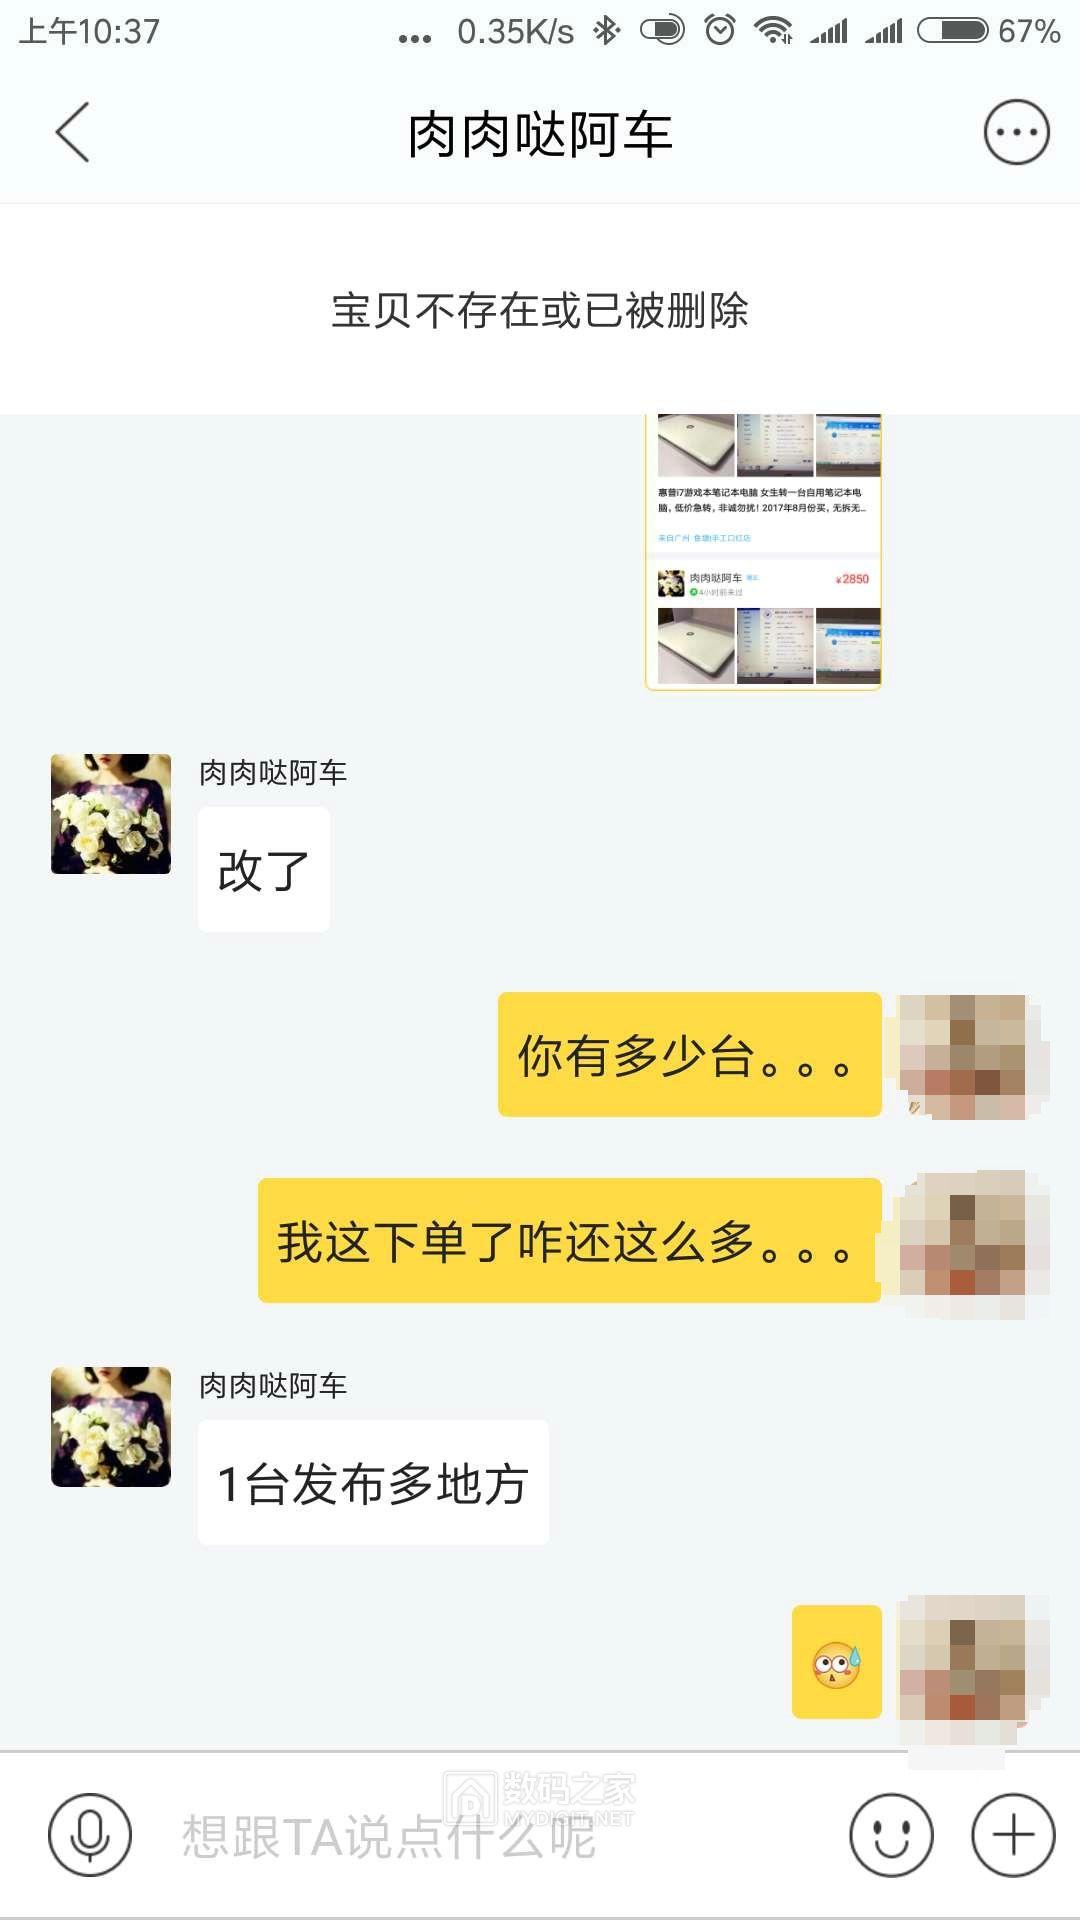 注意咸鱼笔记本骗局,i7 7700hq,1050TI,32G内存